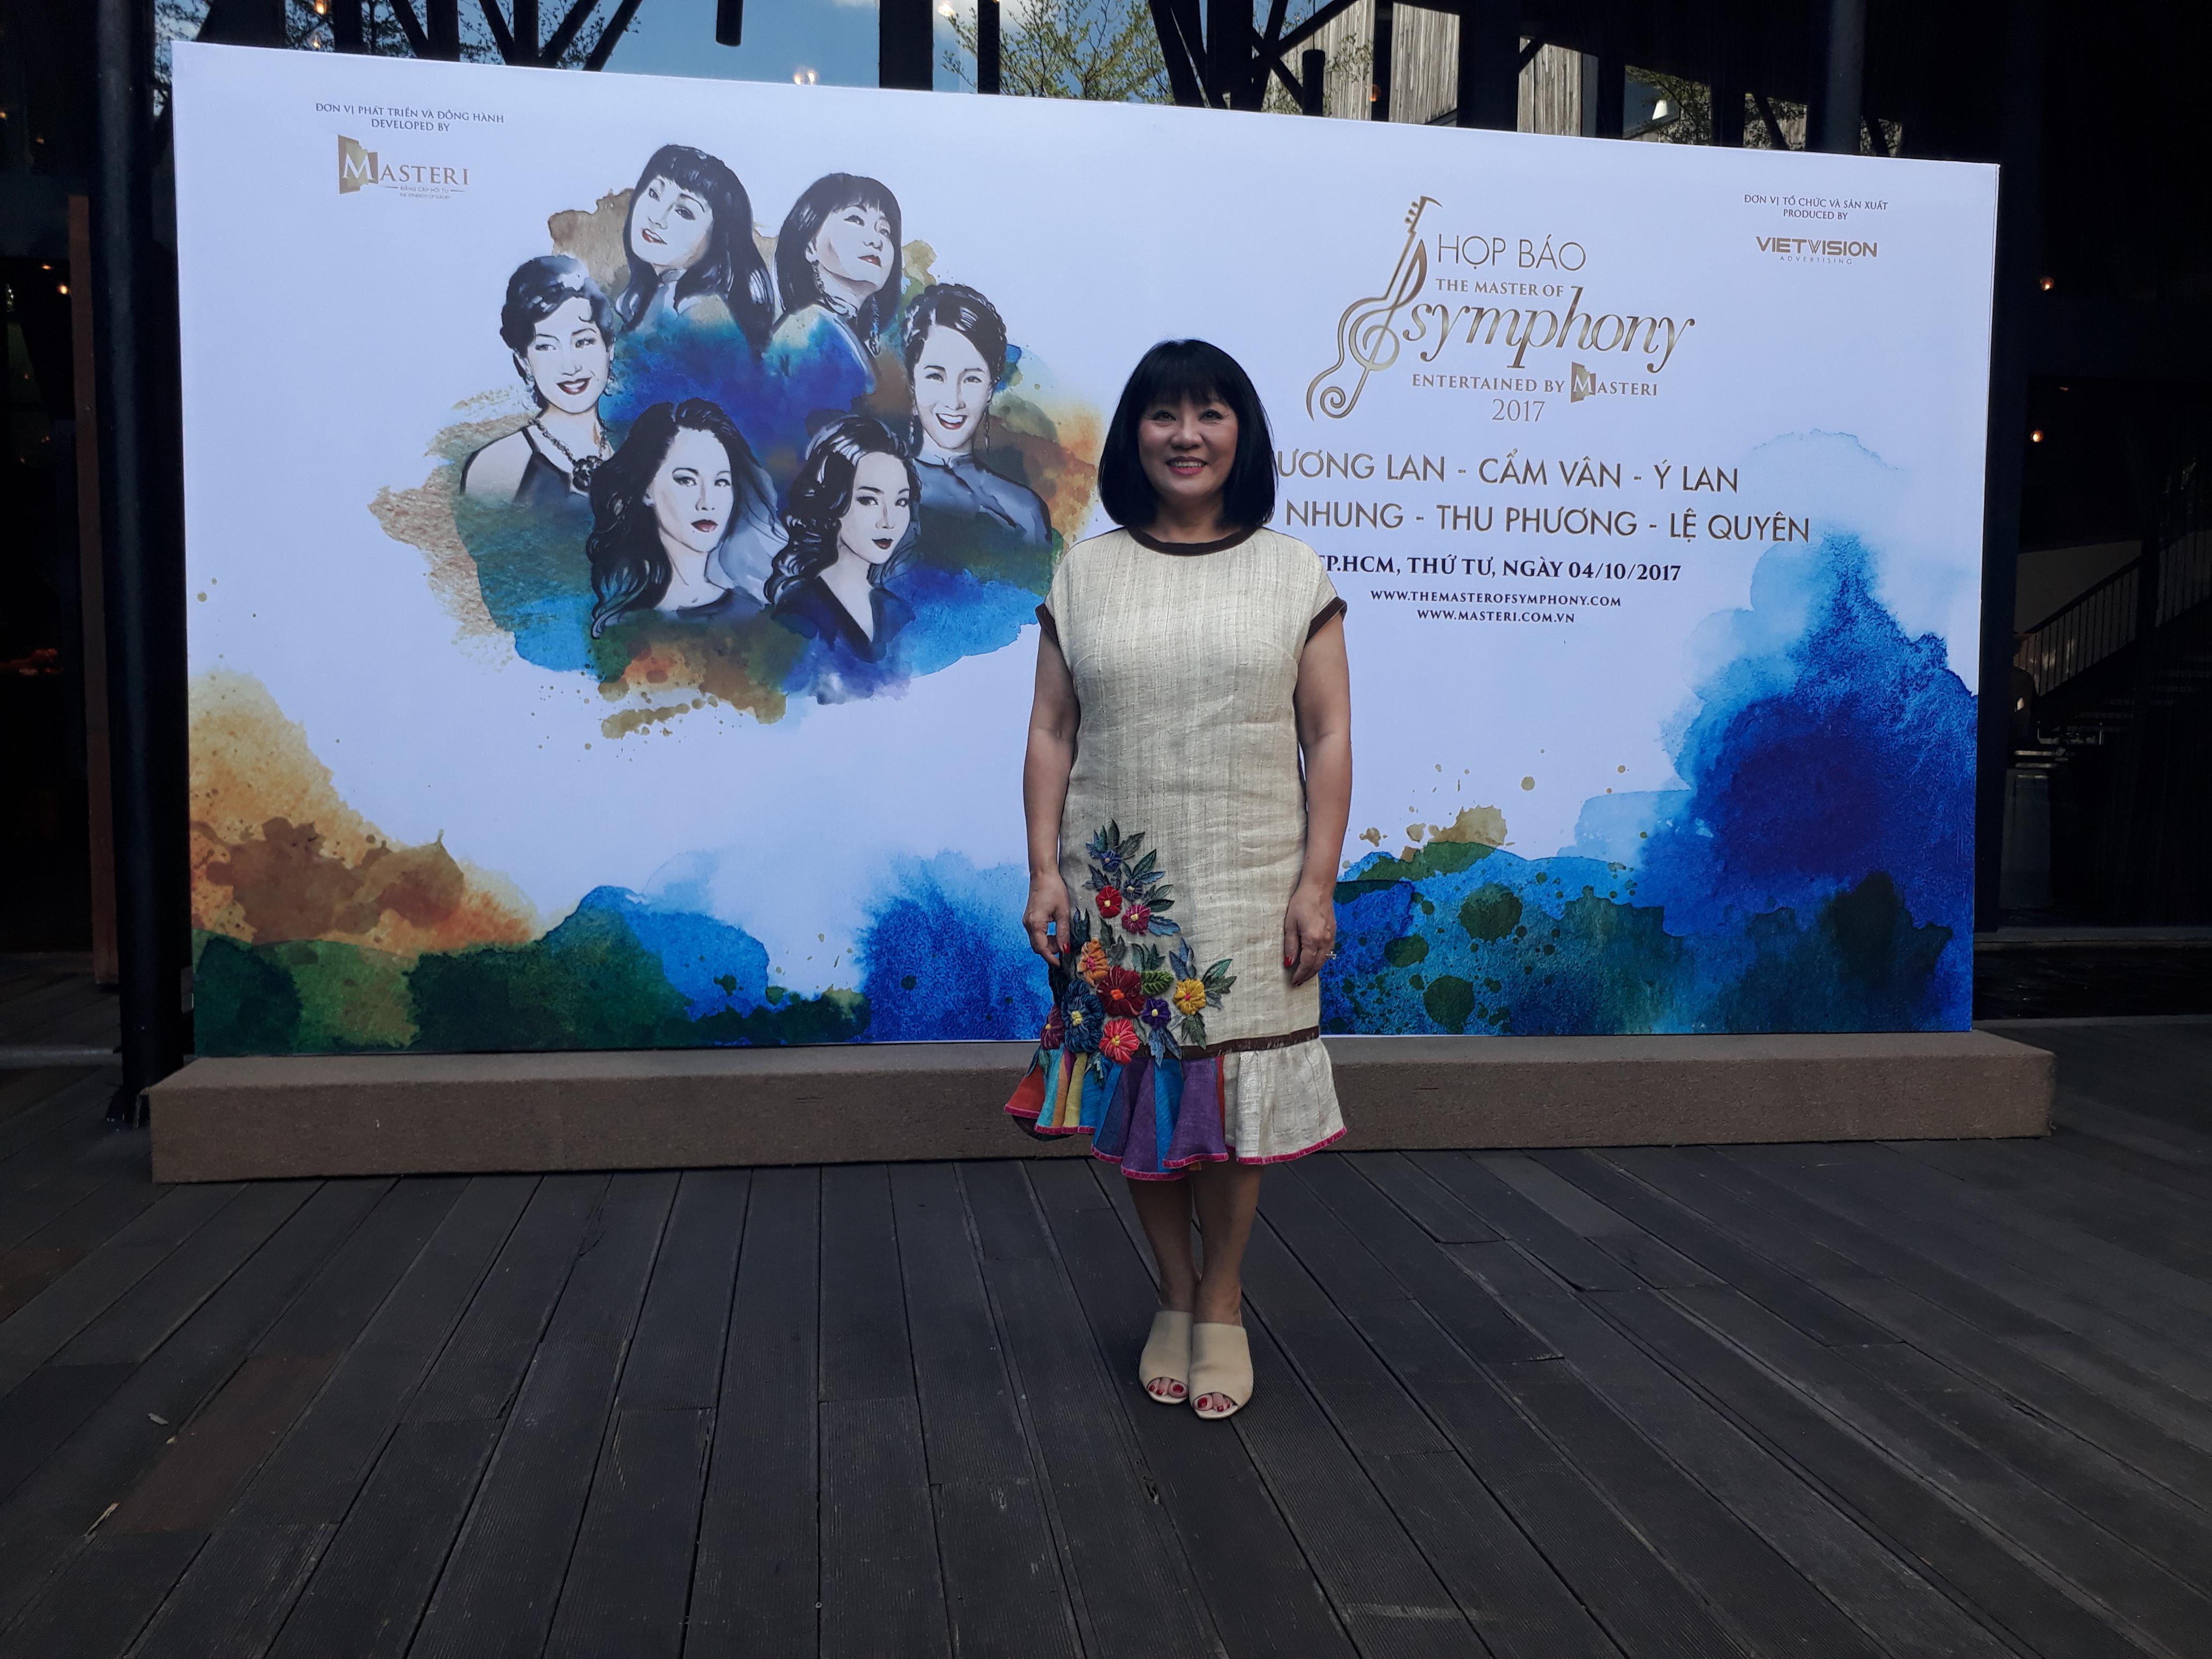 Giải trí - Cẩm Vân hội ngộ Lệ Quyên tại The Master of Symphony 2017